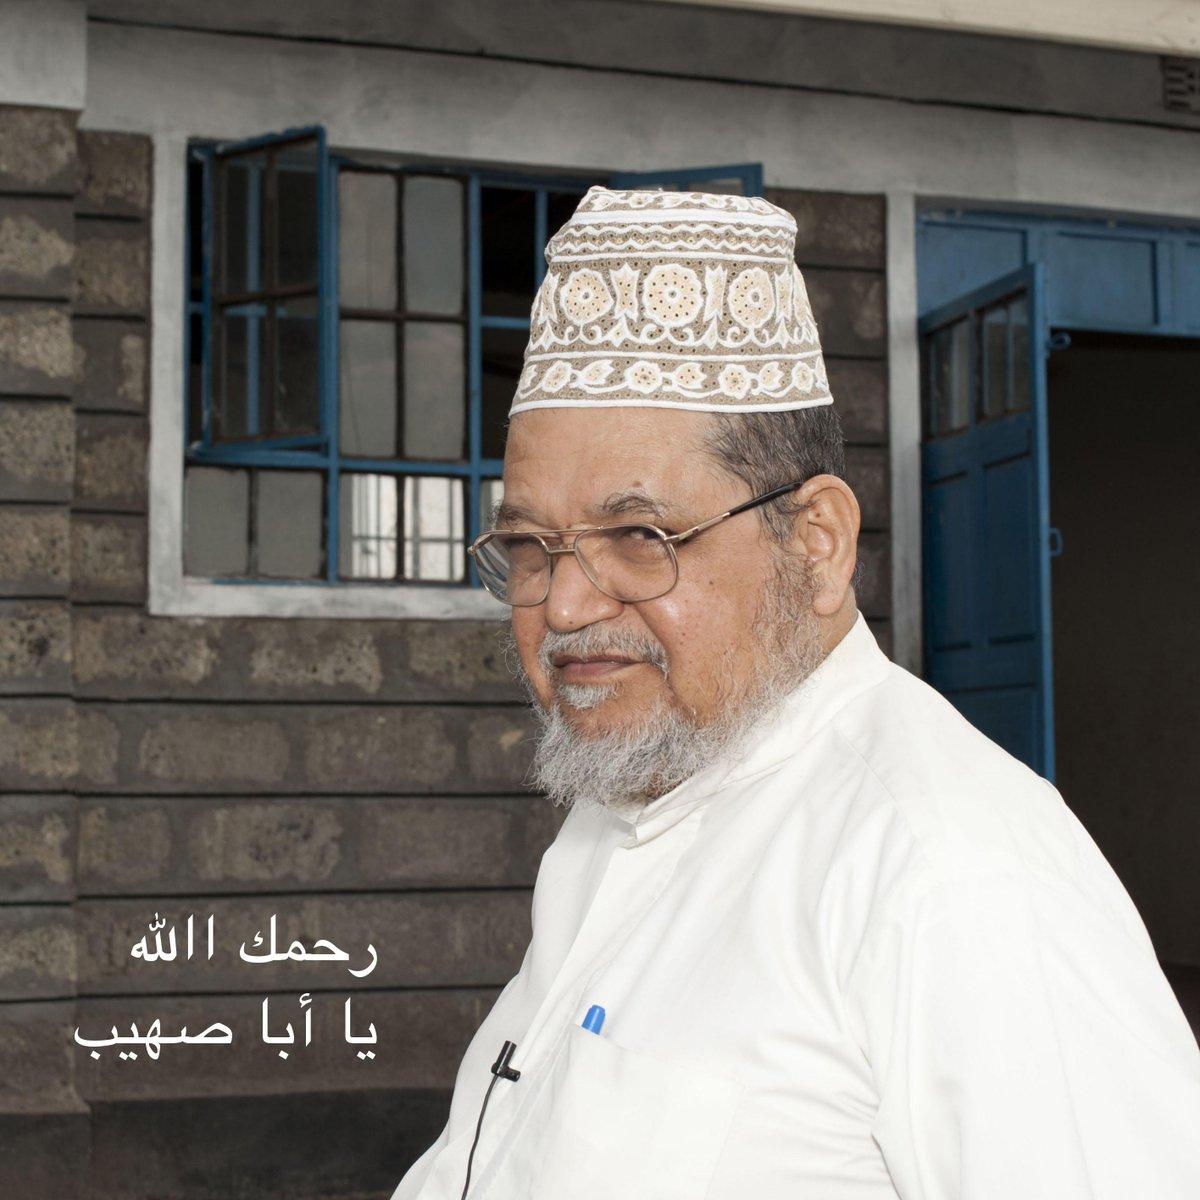 رحمك الله يا أبا صهيب وأعاننا على الأداء والمسئولية  أذكروه في صالح دعائكم   #السميط #الكويت #السعودية http://t.co/gJMeGCc1NR